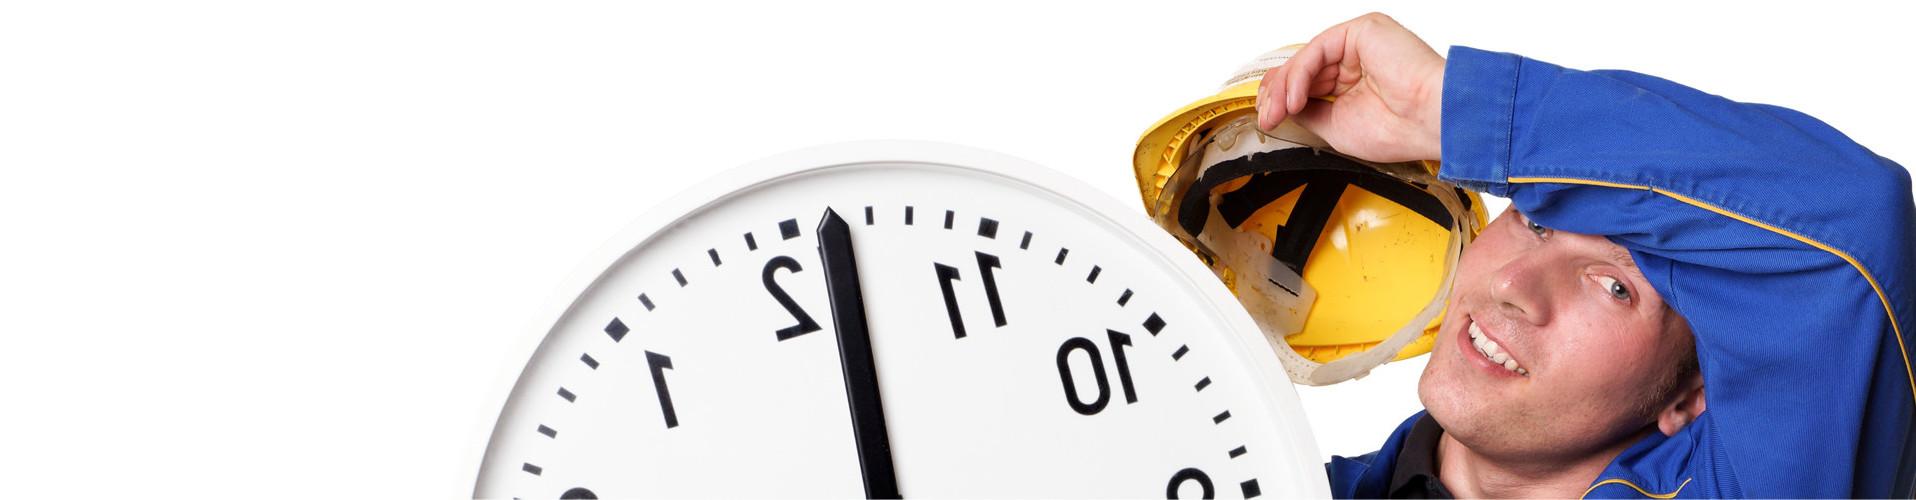 Mann mit Blaumann und Helm hält eine große Uhr © underdogstudios, stock.adobe.com